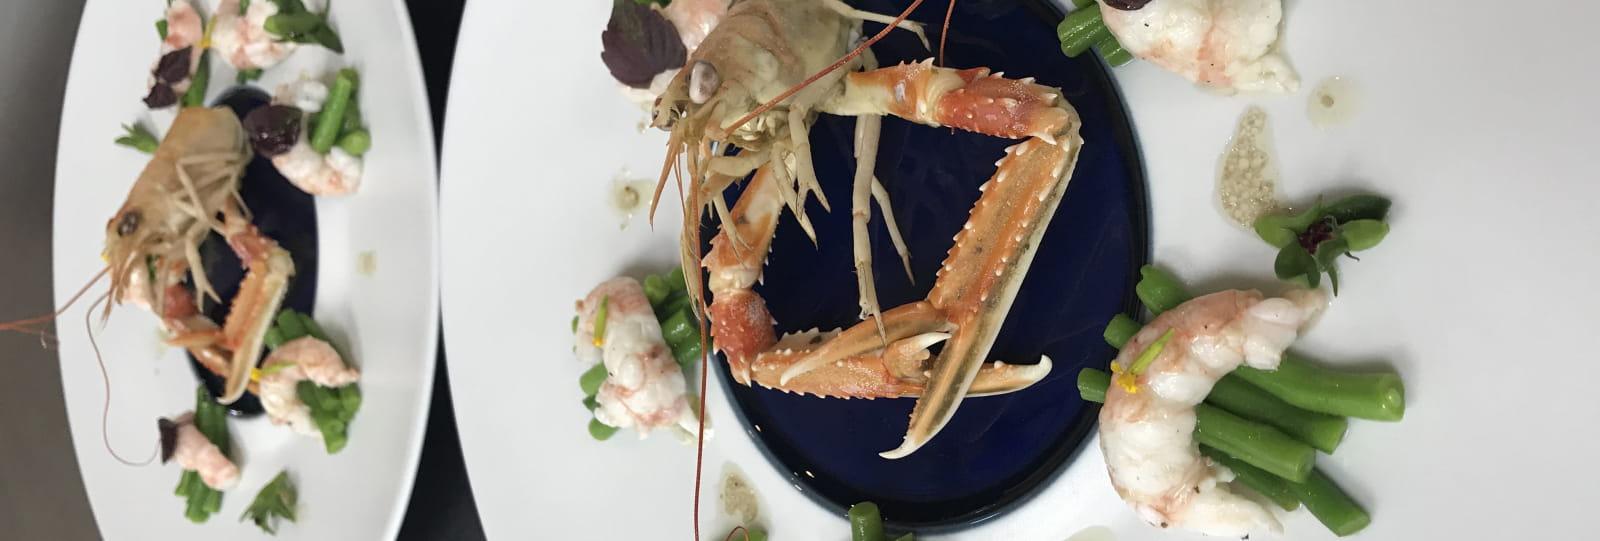 Restaurant Ode Marine